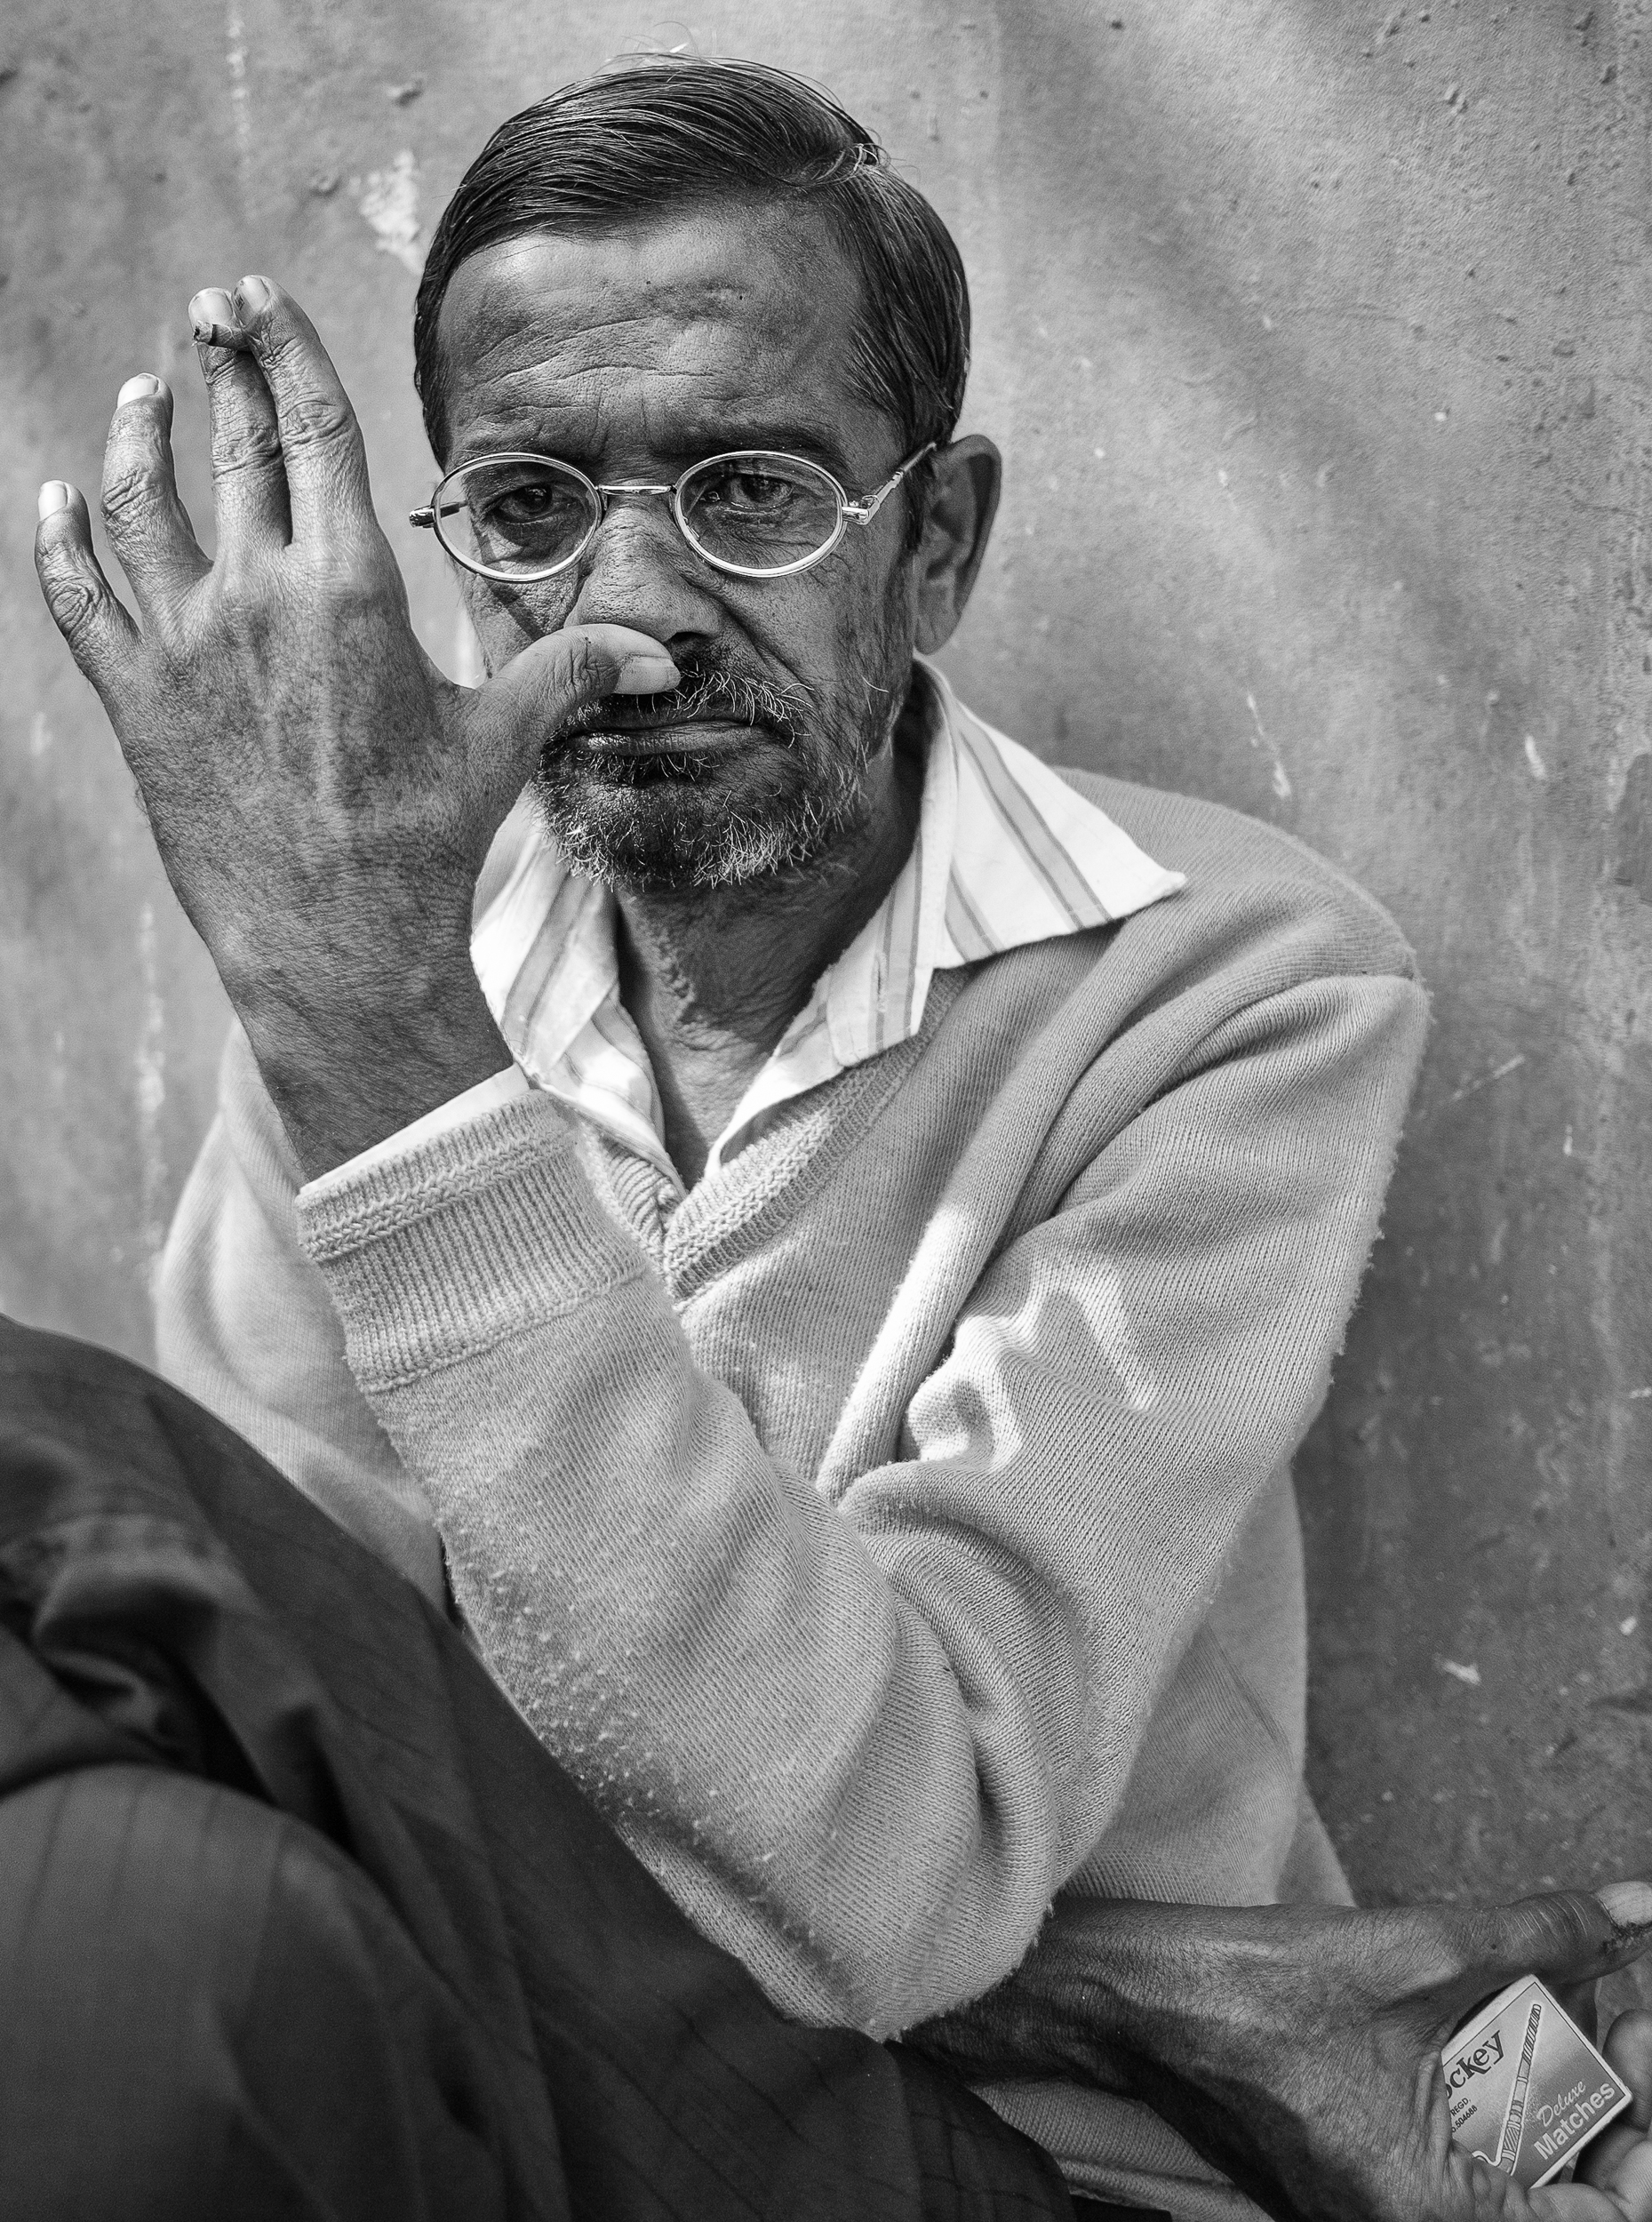 pensive smoker, jaipur